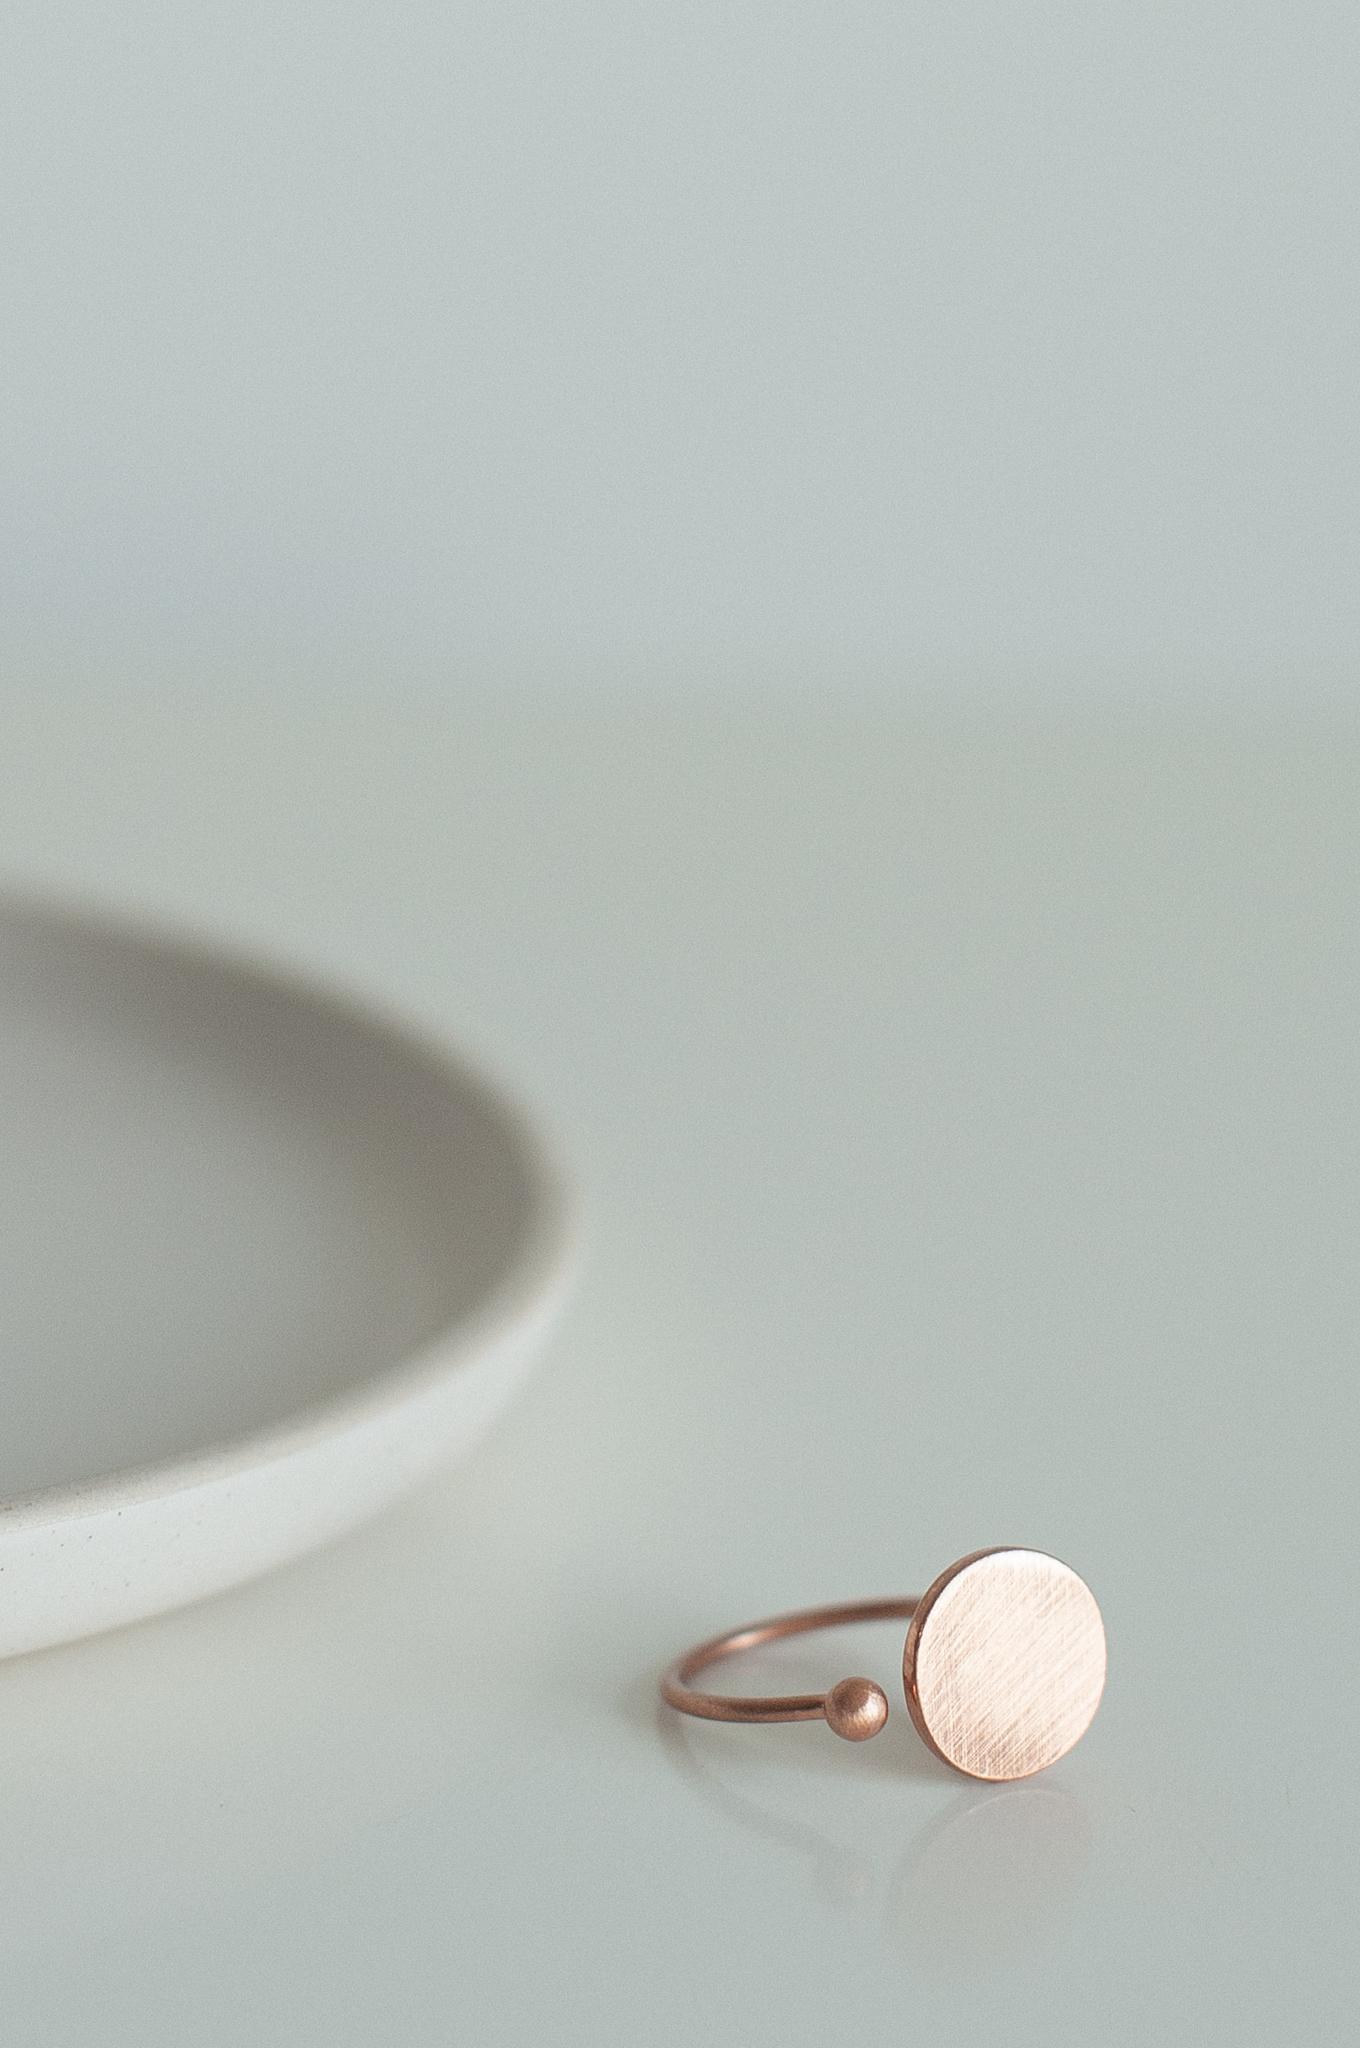 кольцо DANSK SMYKKEKUNST 1H1512